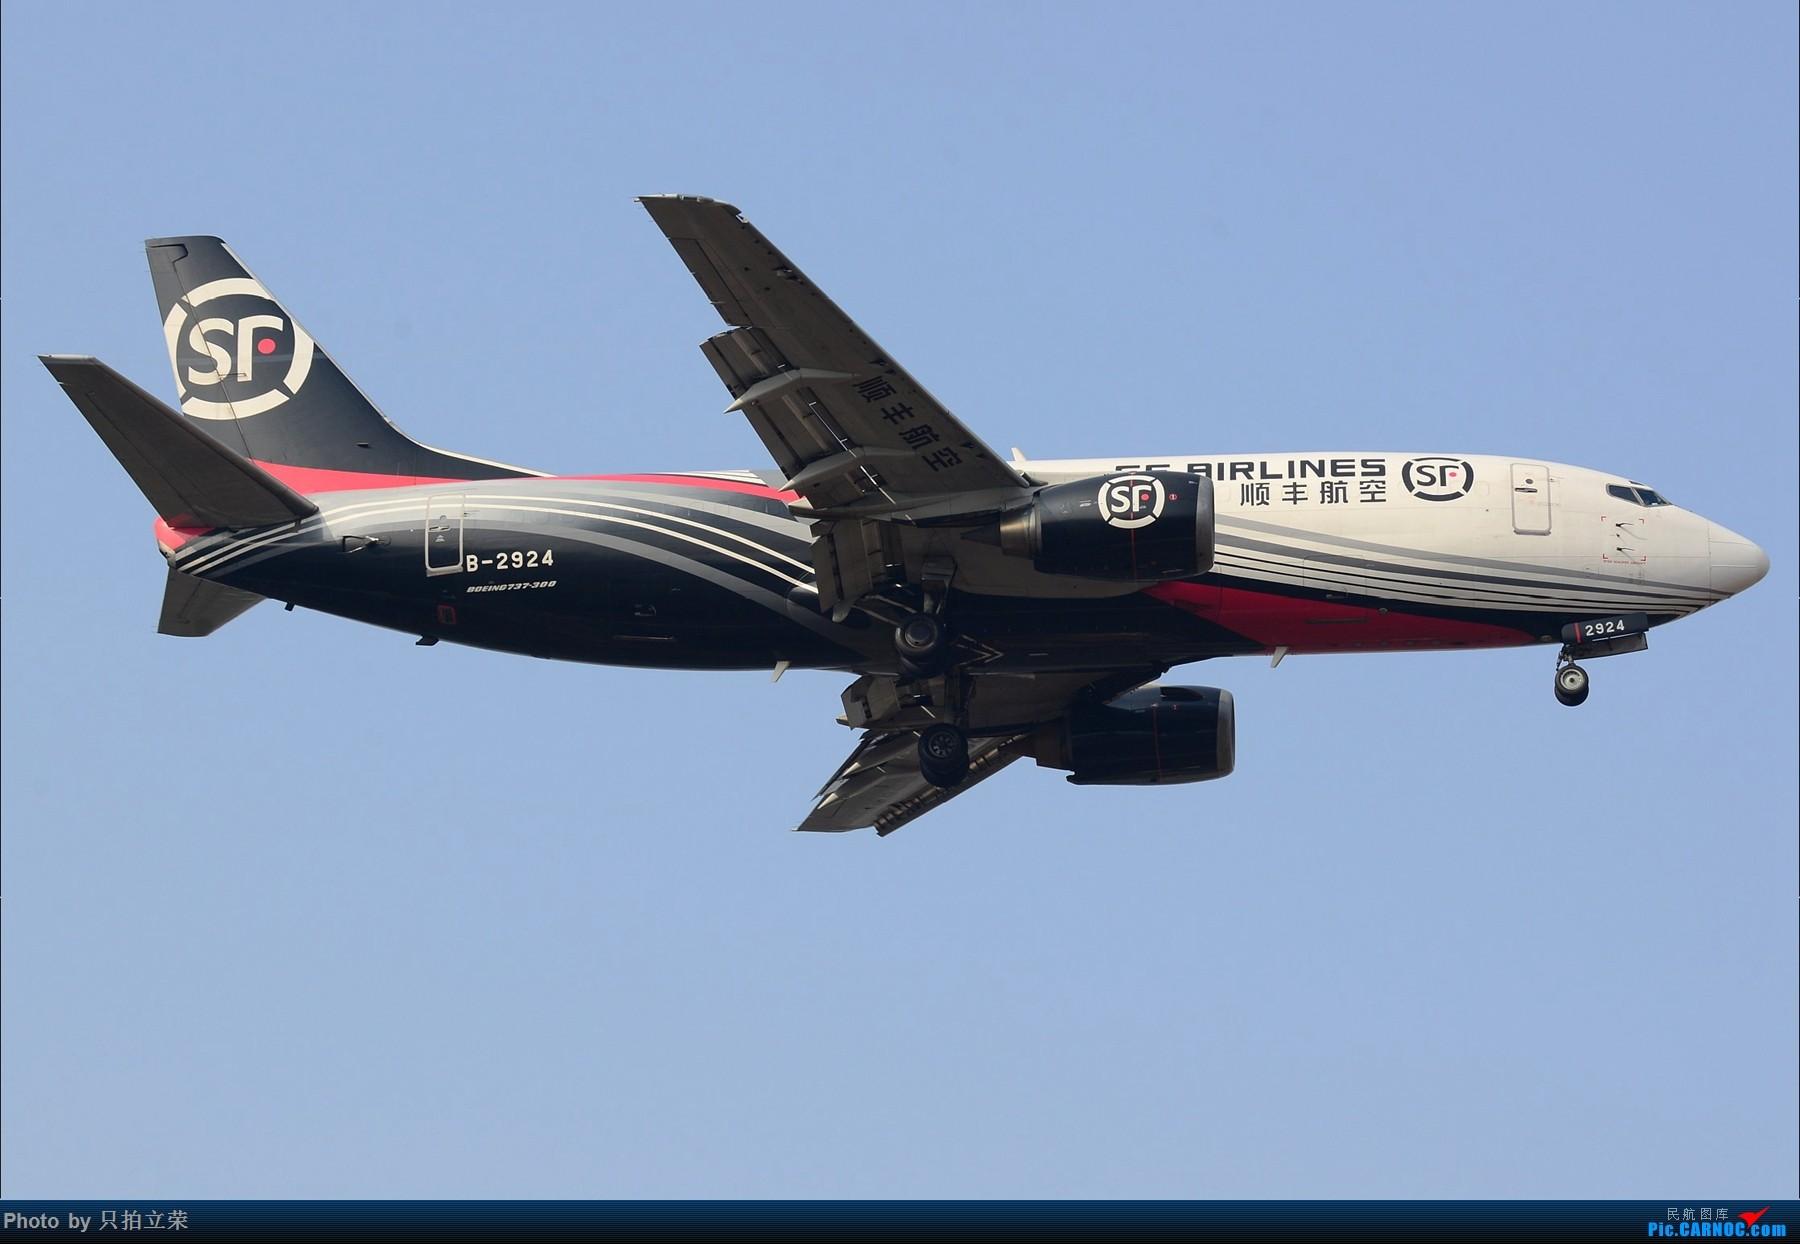 Re:[原创]湖南飞友会:三家max齐聚长沙,三种333发动机大比拼! BOEING 737-300 B-2924 中国长沙黄花国际机场